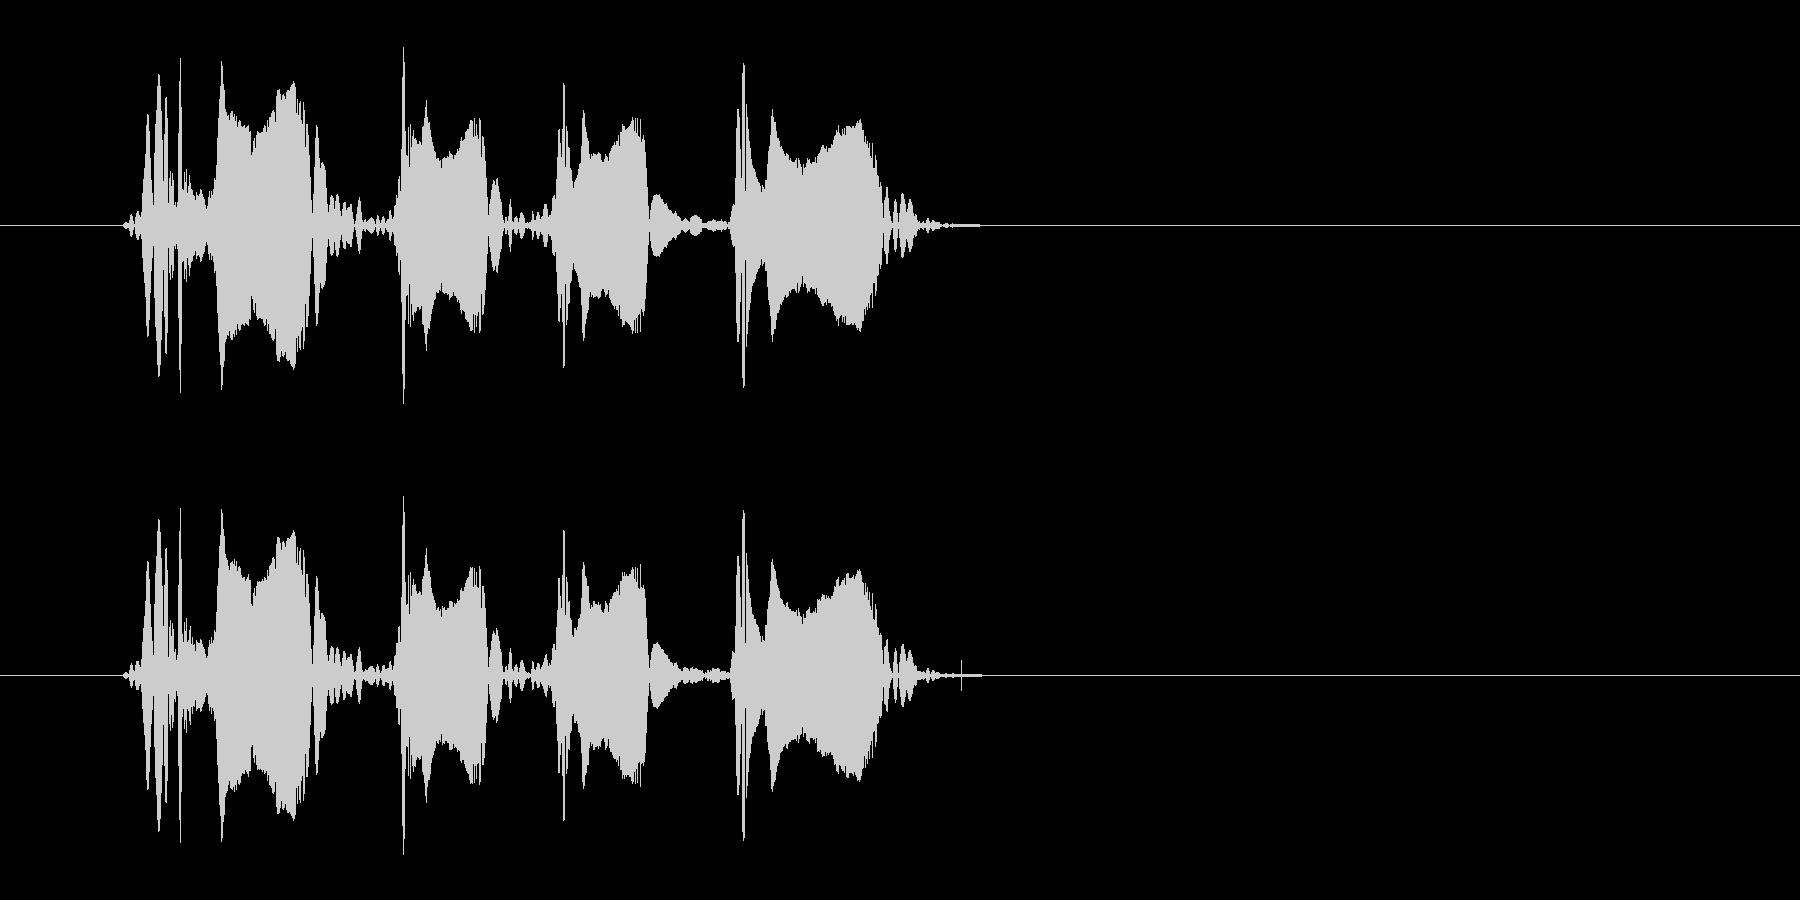 レーザー音-149-3の未再生の波形